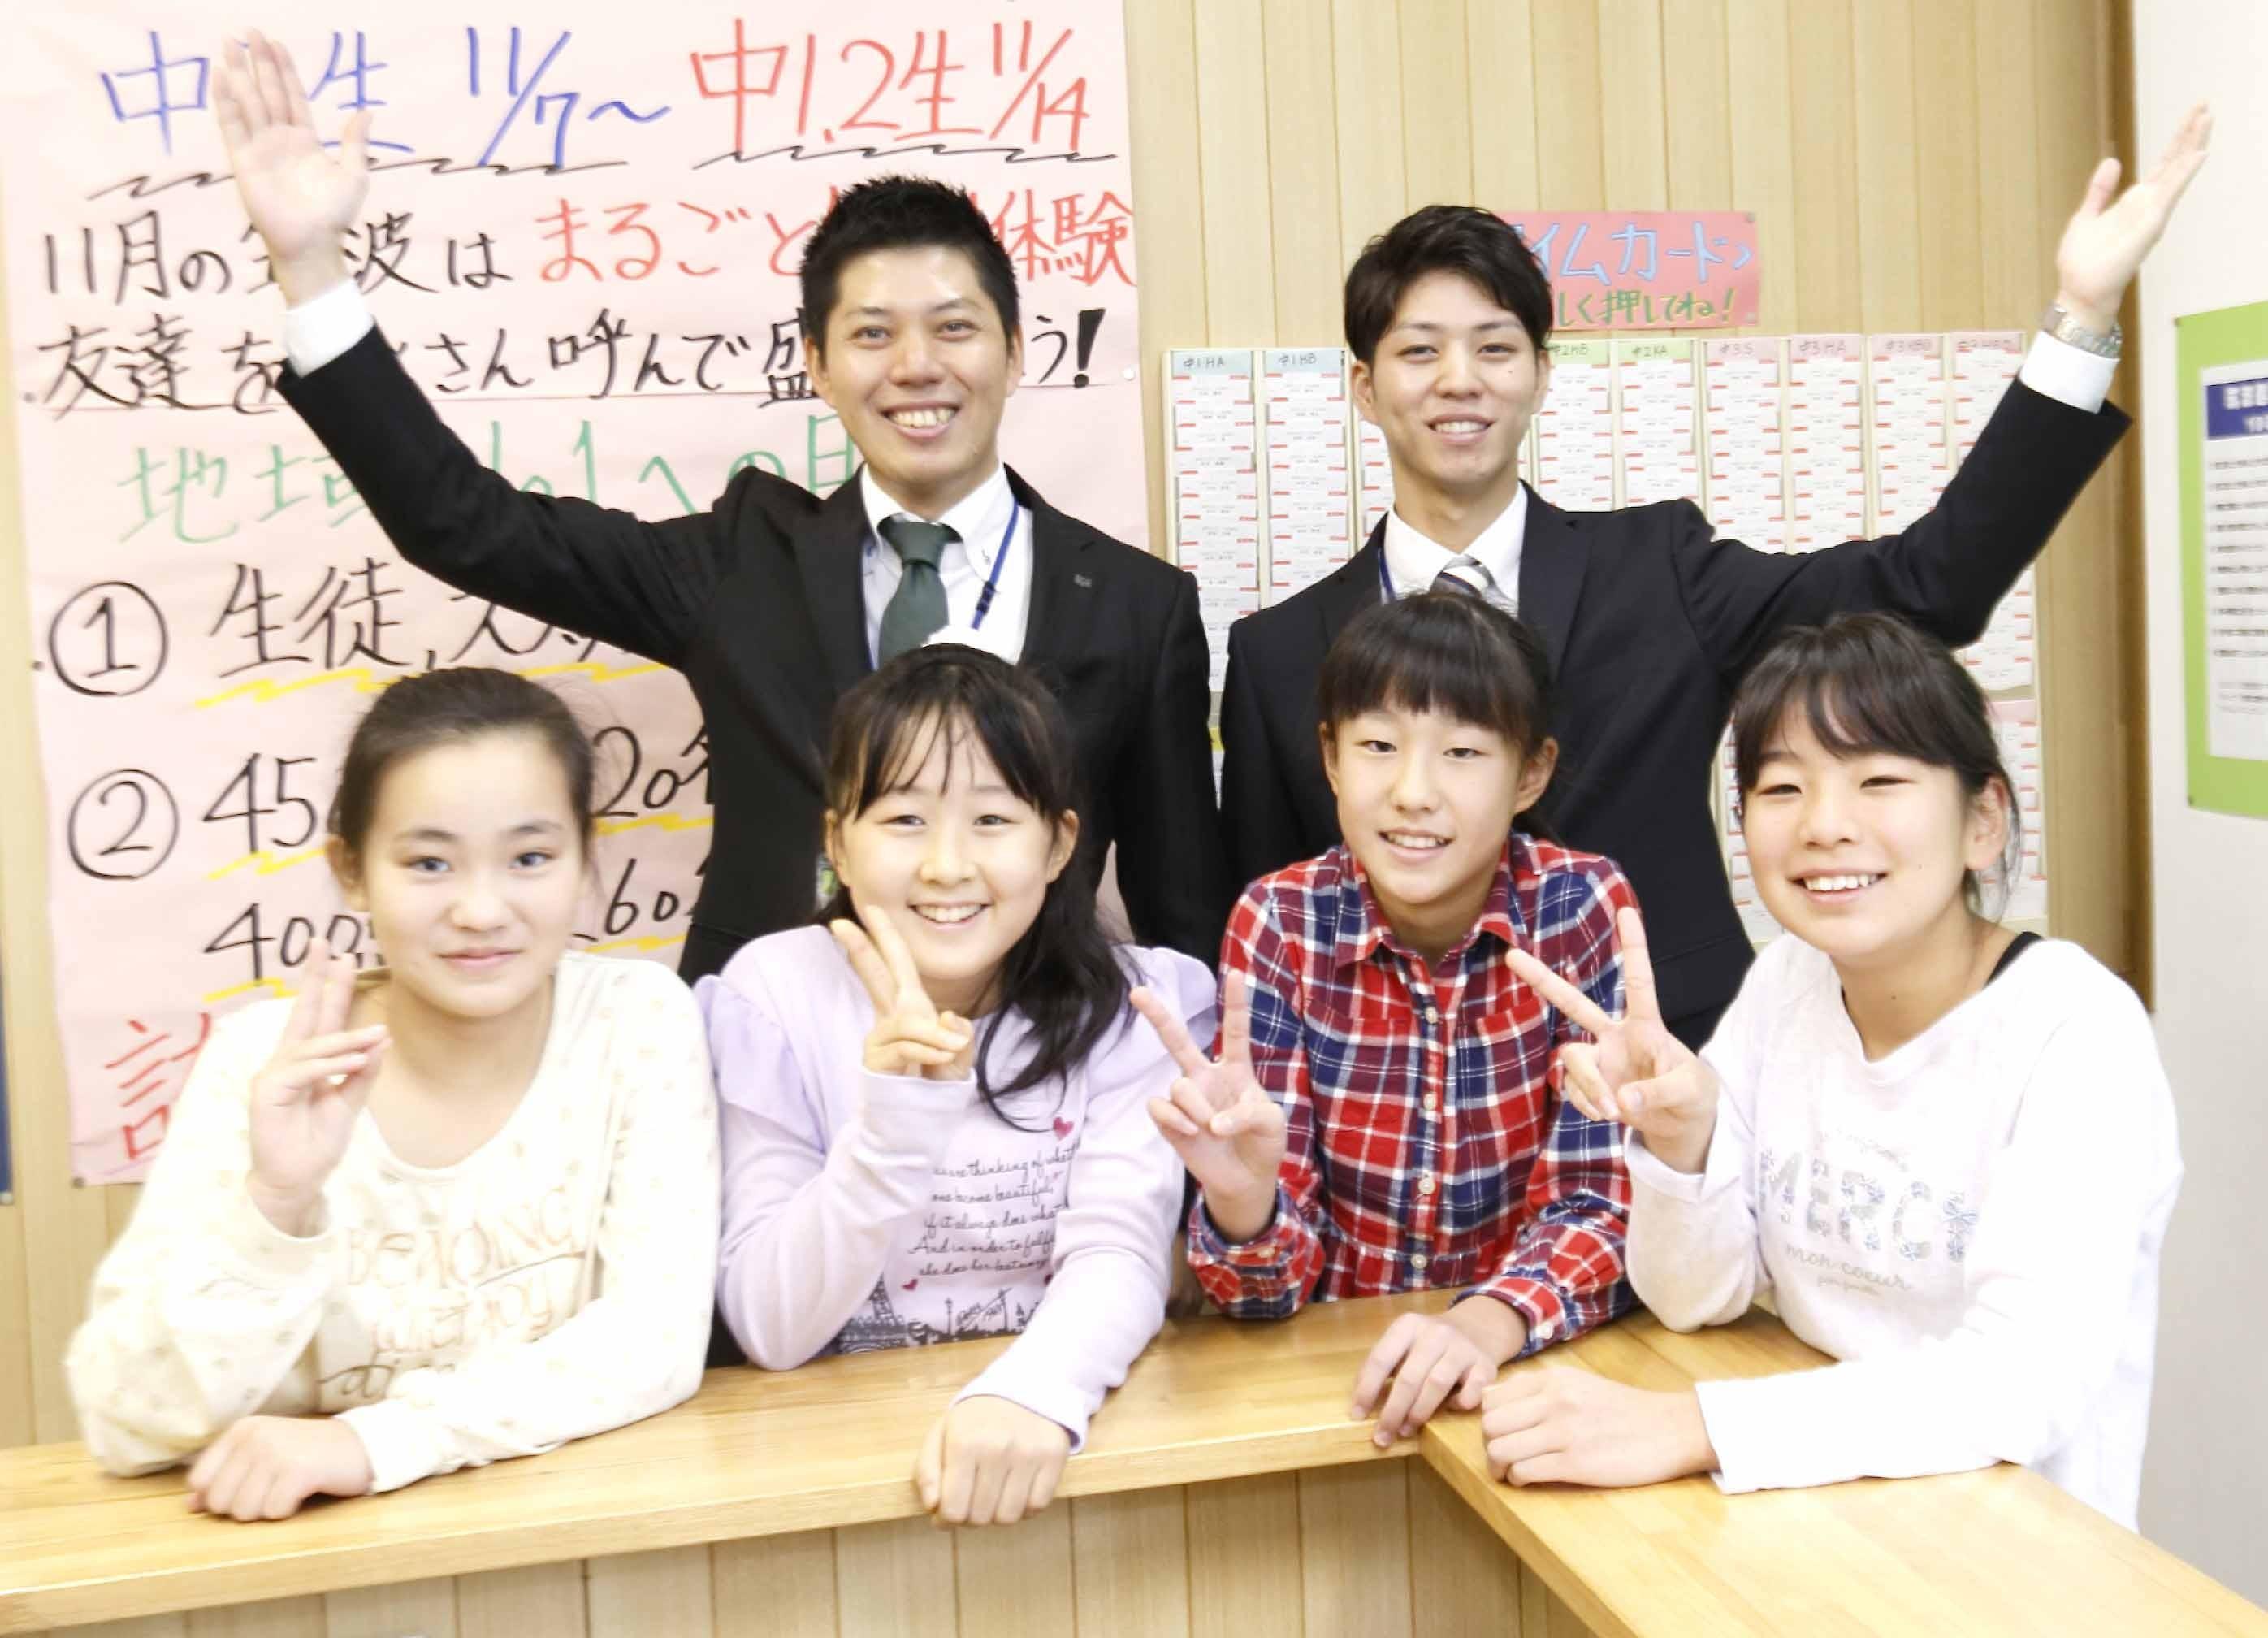 筑波進研スクール 北上尾教室のアルバイト情報